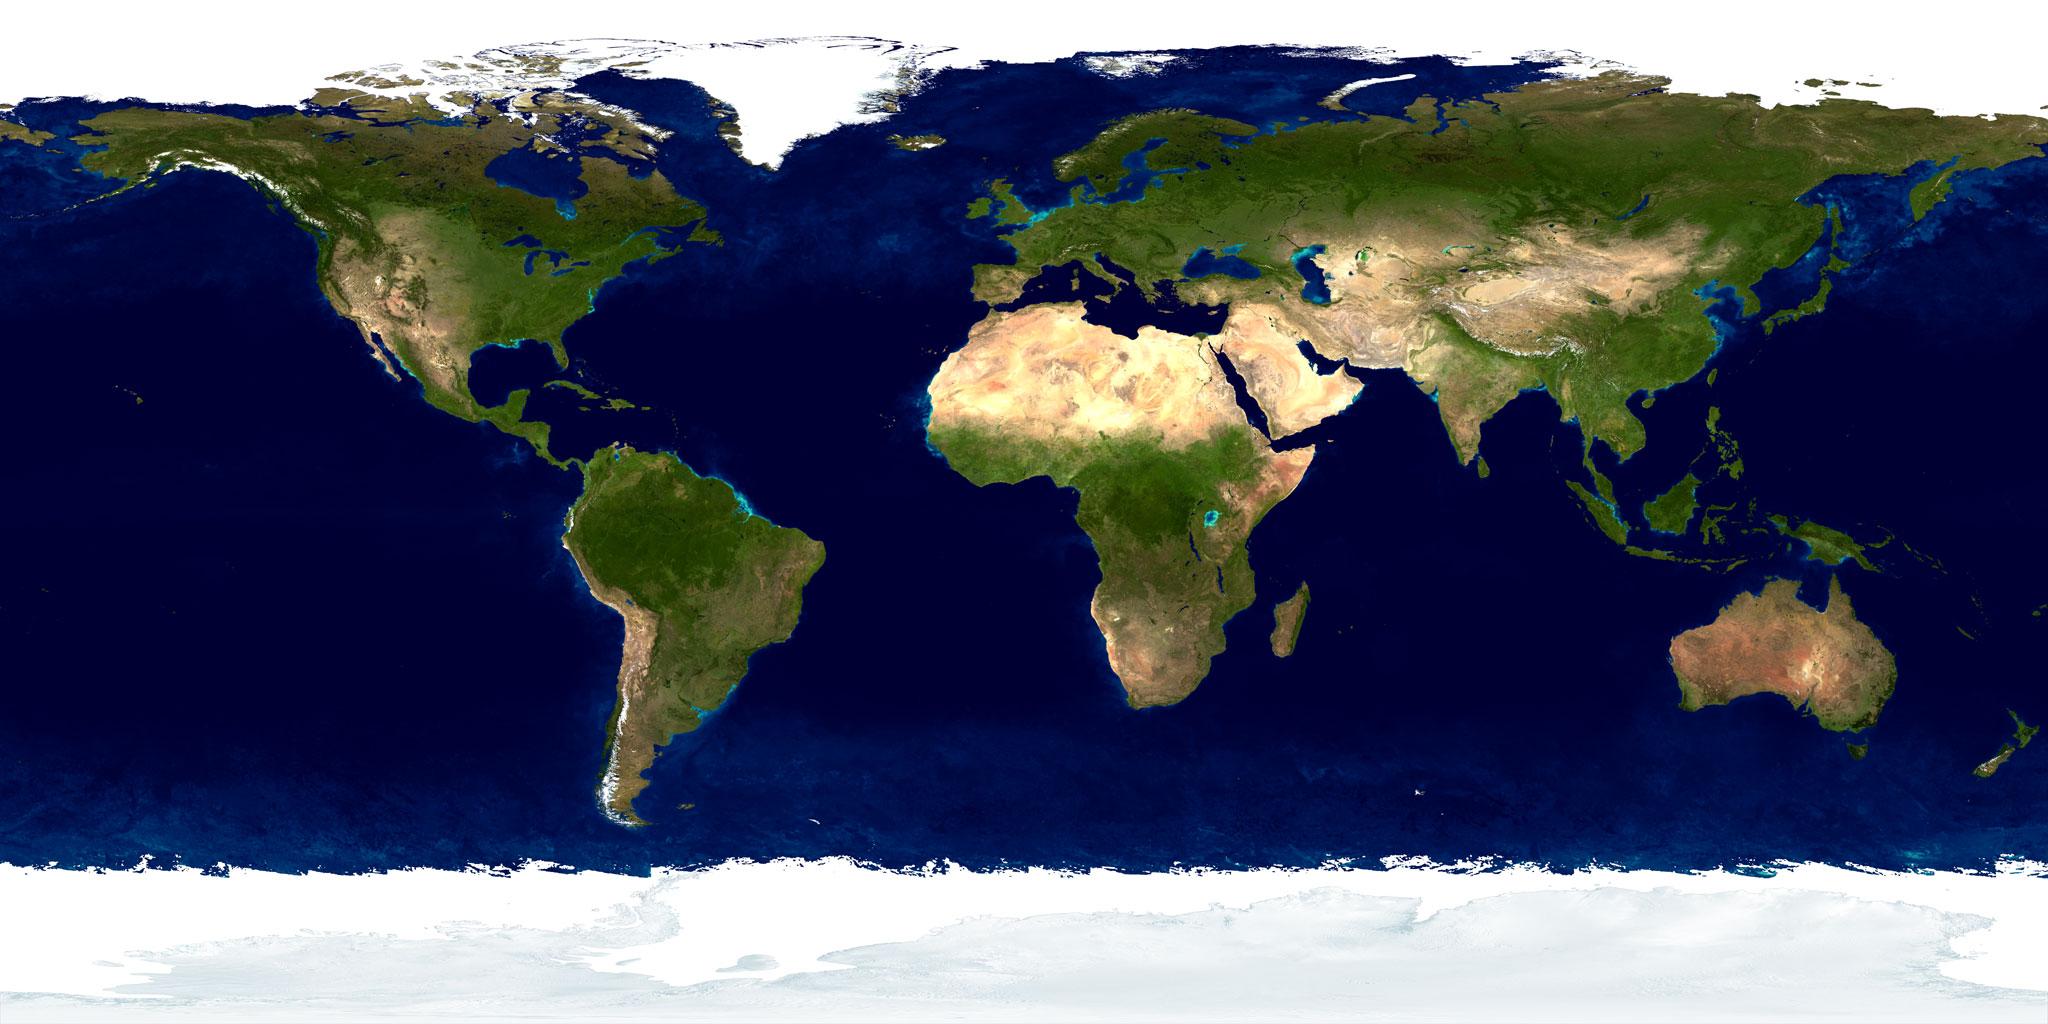 Erdkunde Karte